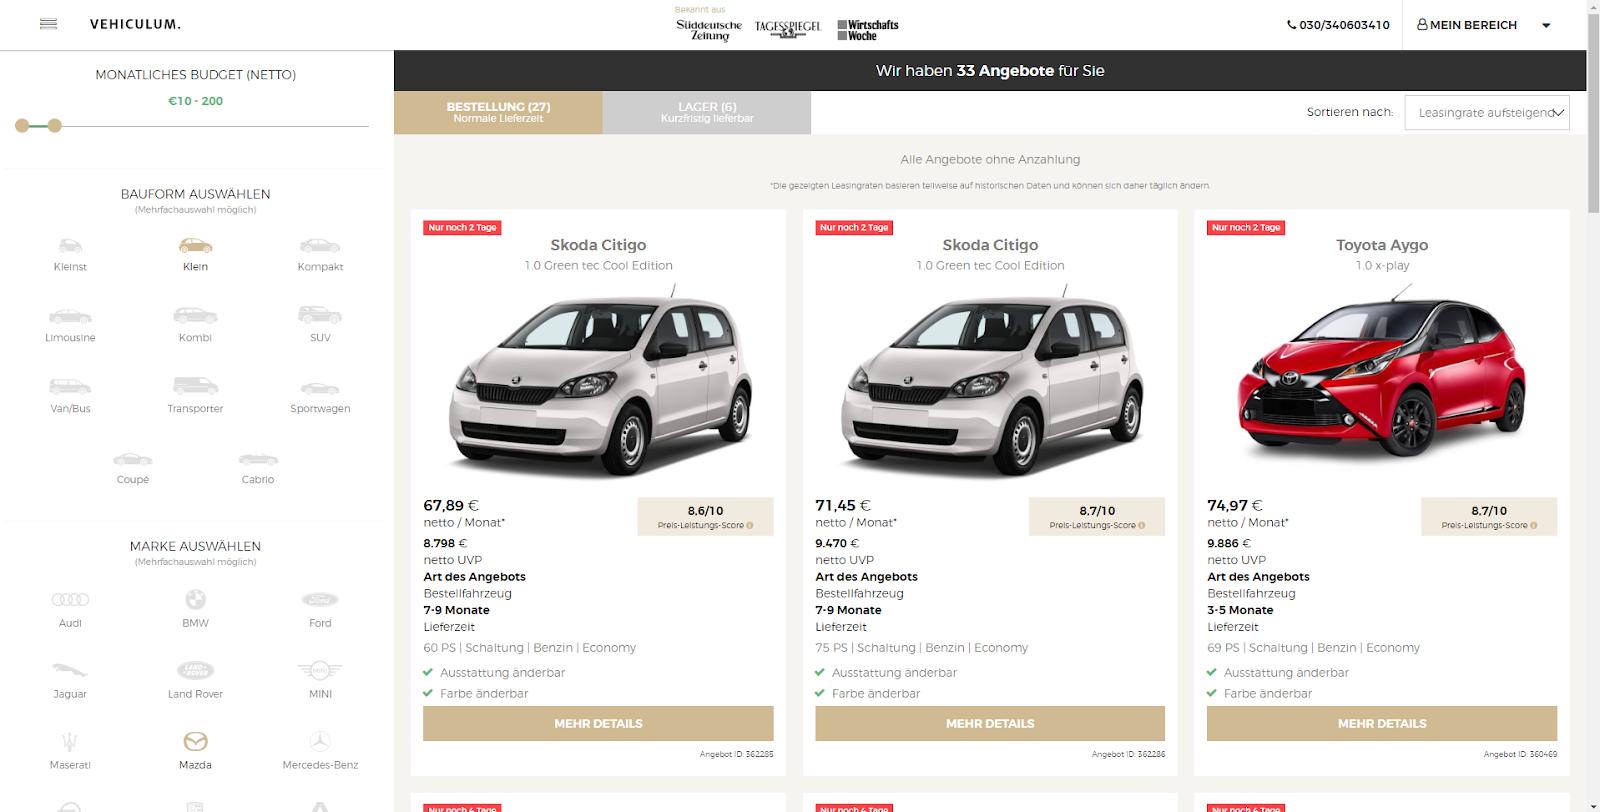 Vehiculum Erfahrungen Fahrzeugauswahl